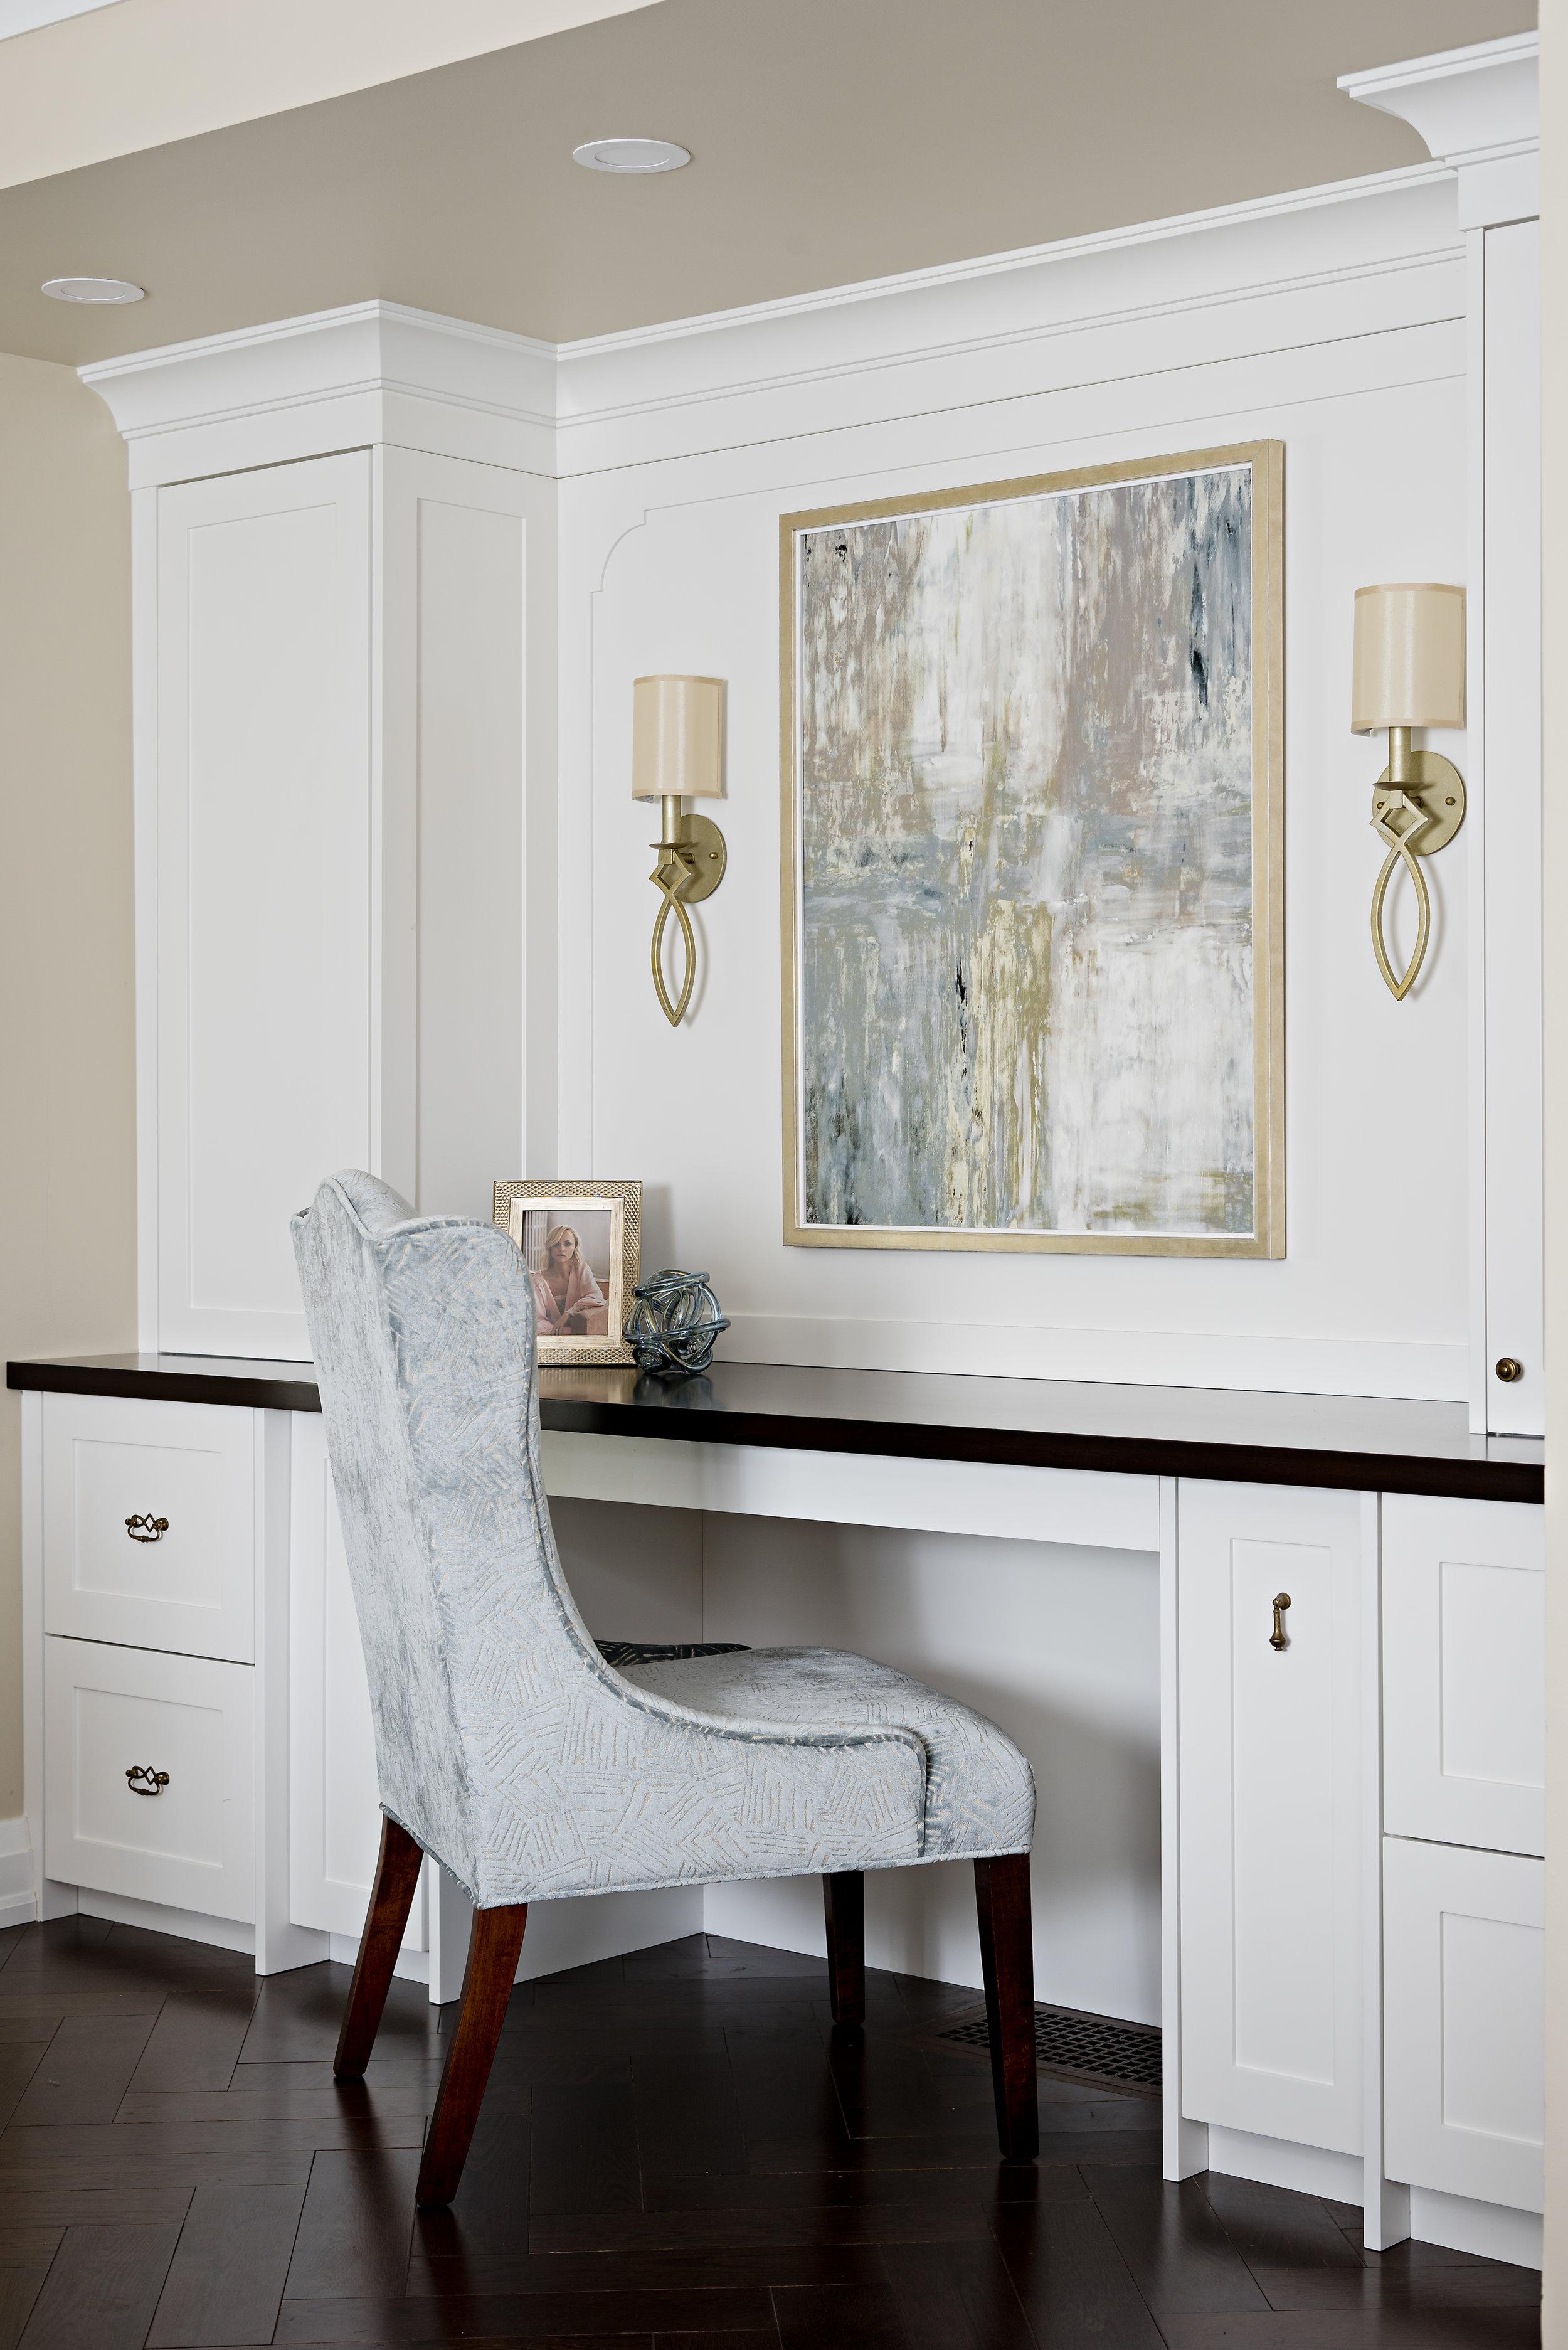 pizzale design interior design built in desk white shaker drawer cabinets brass sconce brass frame soft blue and beige colour palette light blue velvet dining chair.jpg